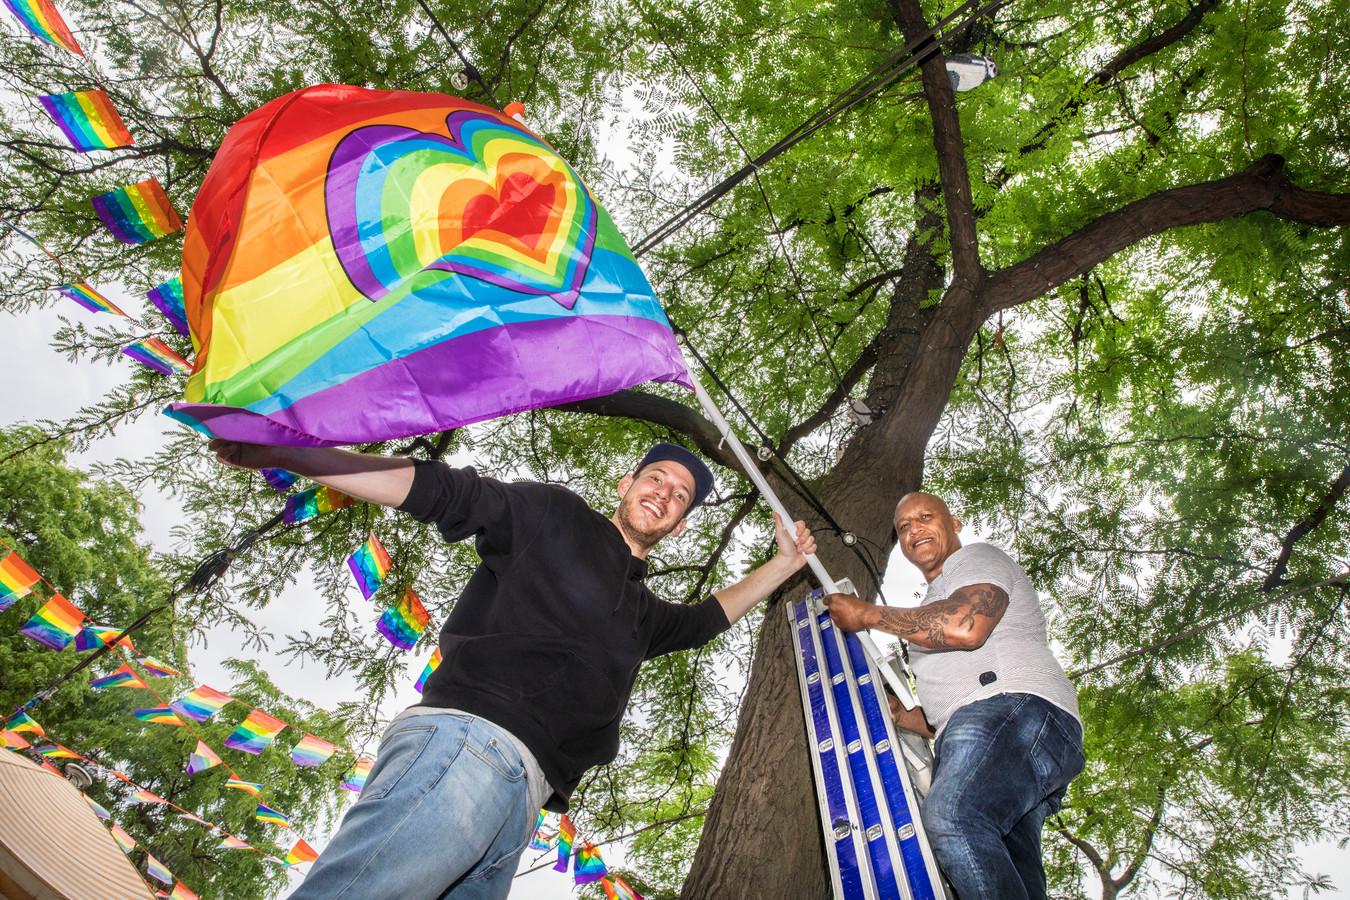 Ben Manuputty Rechts) hangt samen met Sebastiaan de Grote markt vol met regenboogvlaggen en vlaggetjes voor het The Hague Rainbow Festival.(Den Haag 08-06-18) Foto:Frank Jansen